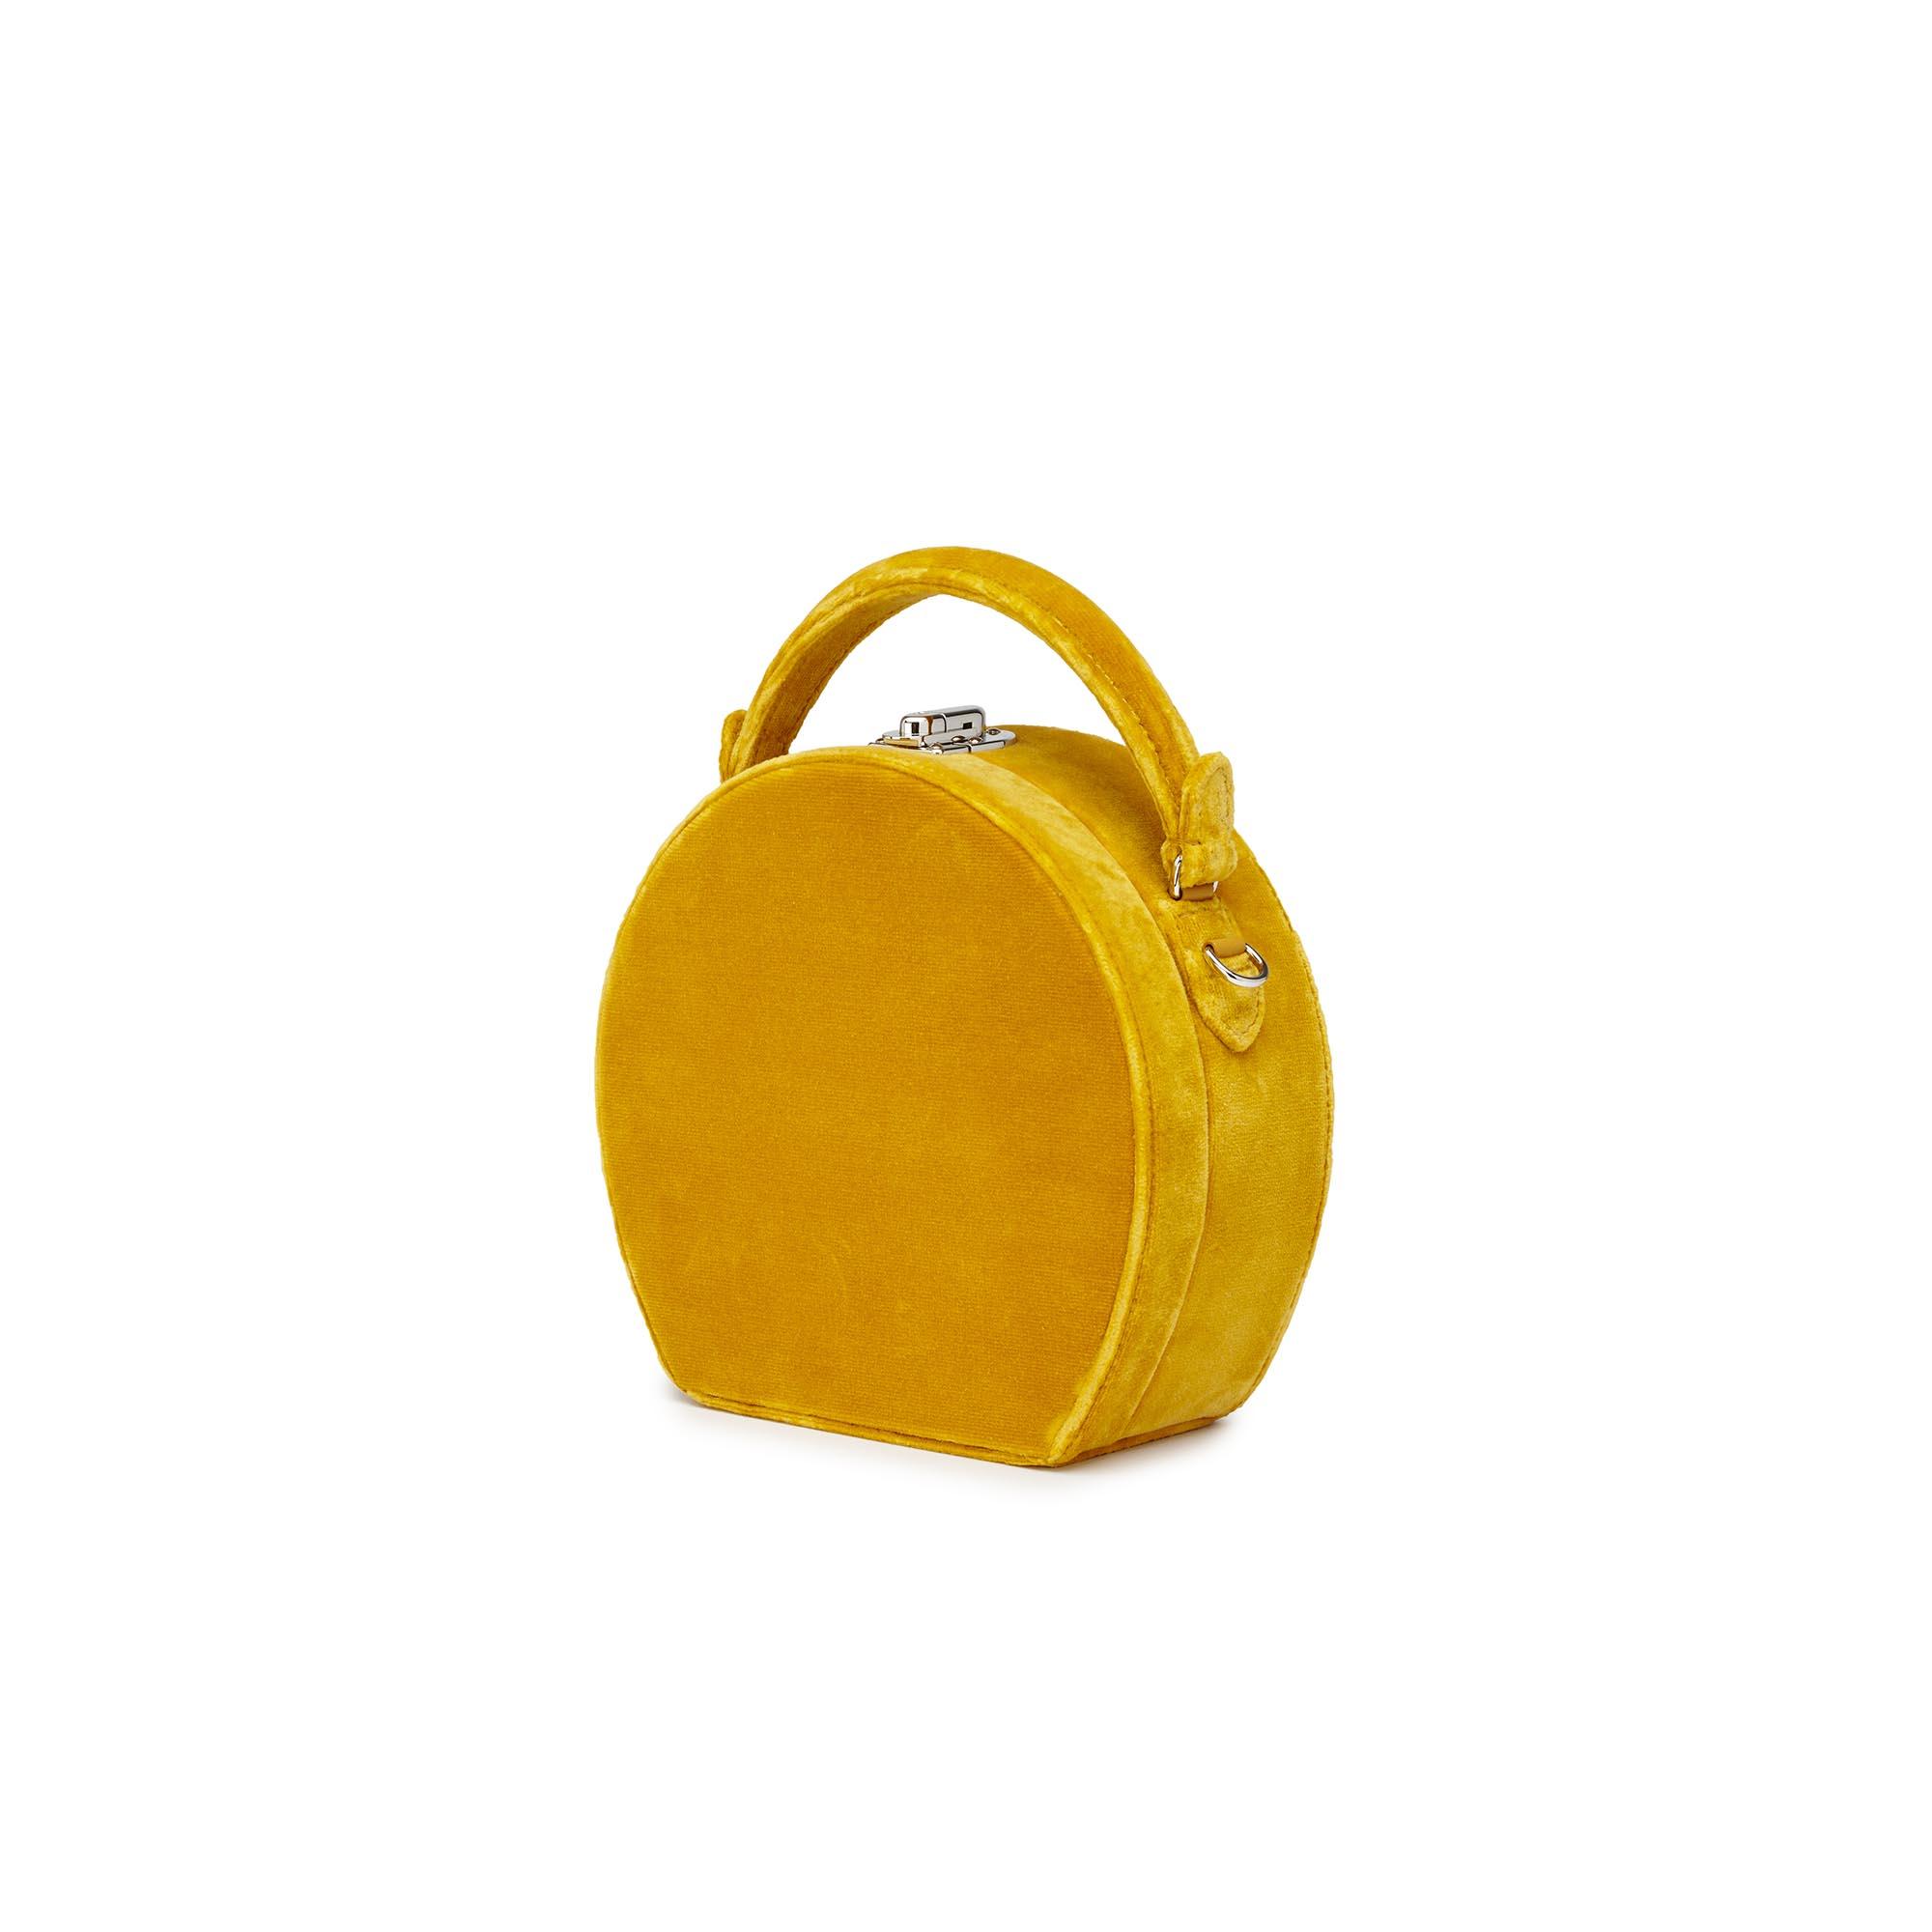 Regular-Bertoncina-mustard-velvet-bag-Bertoni-1949_02